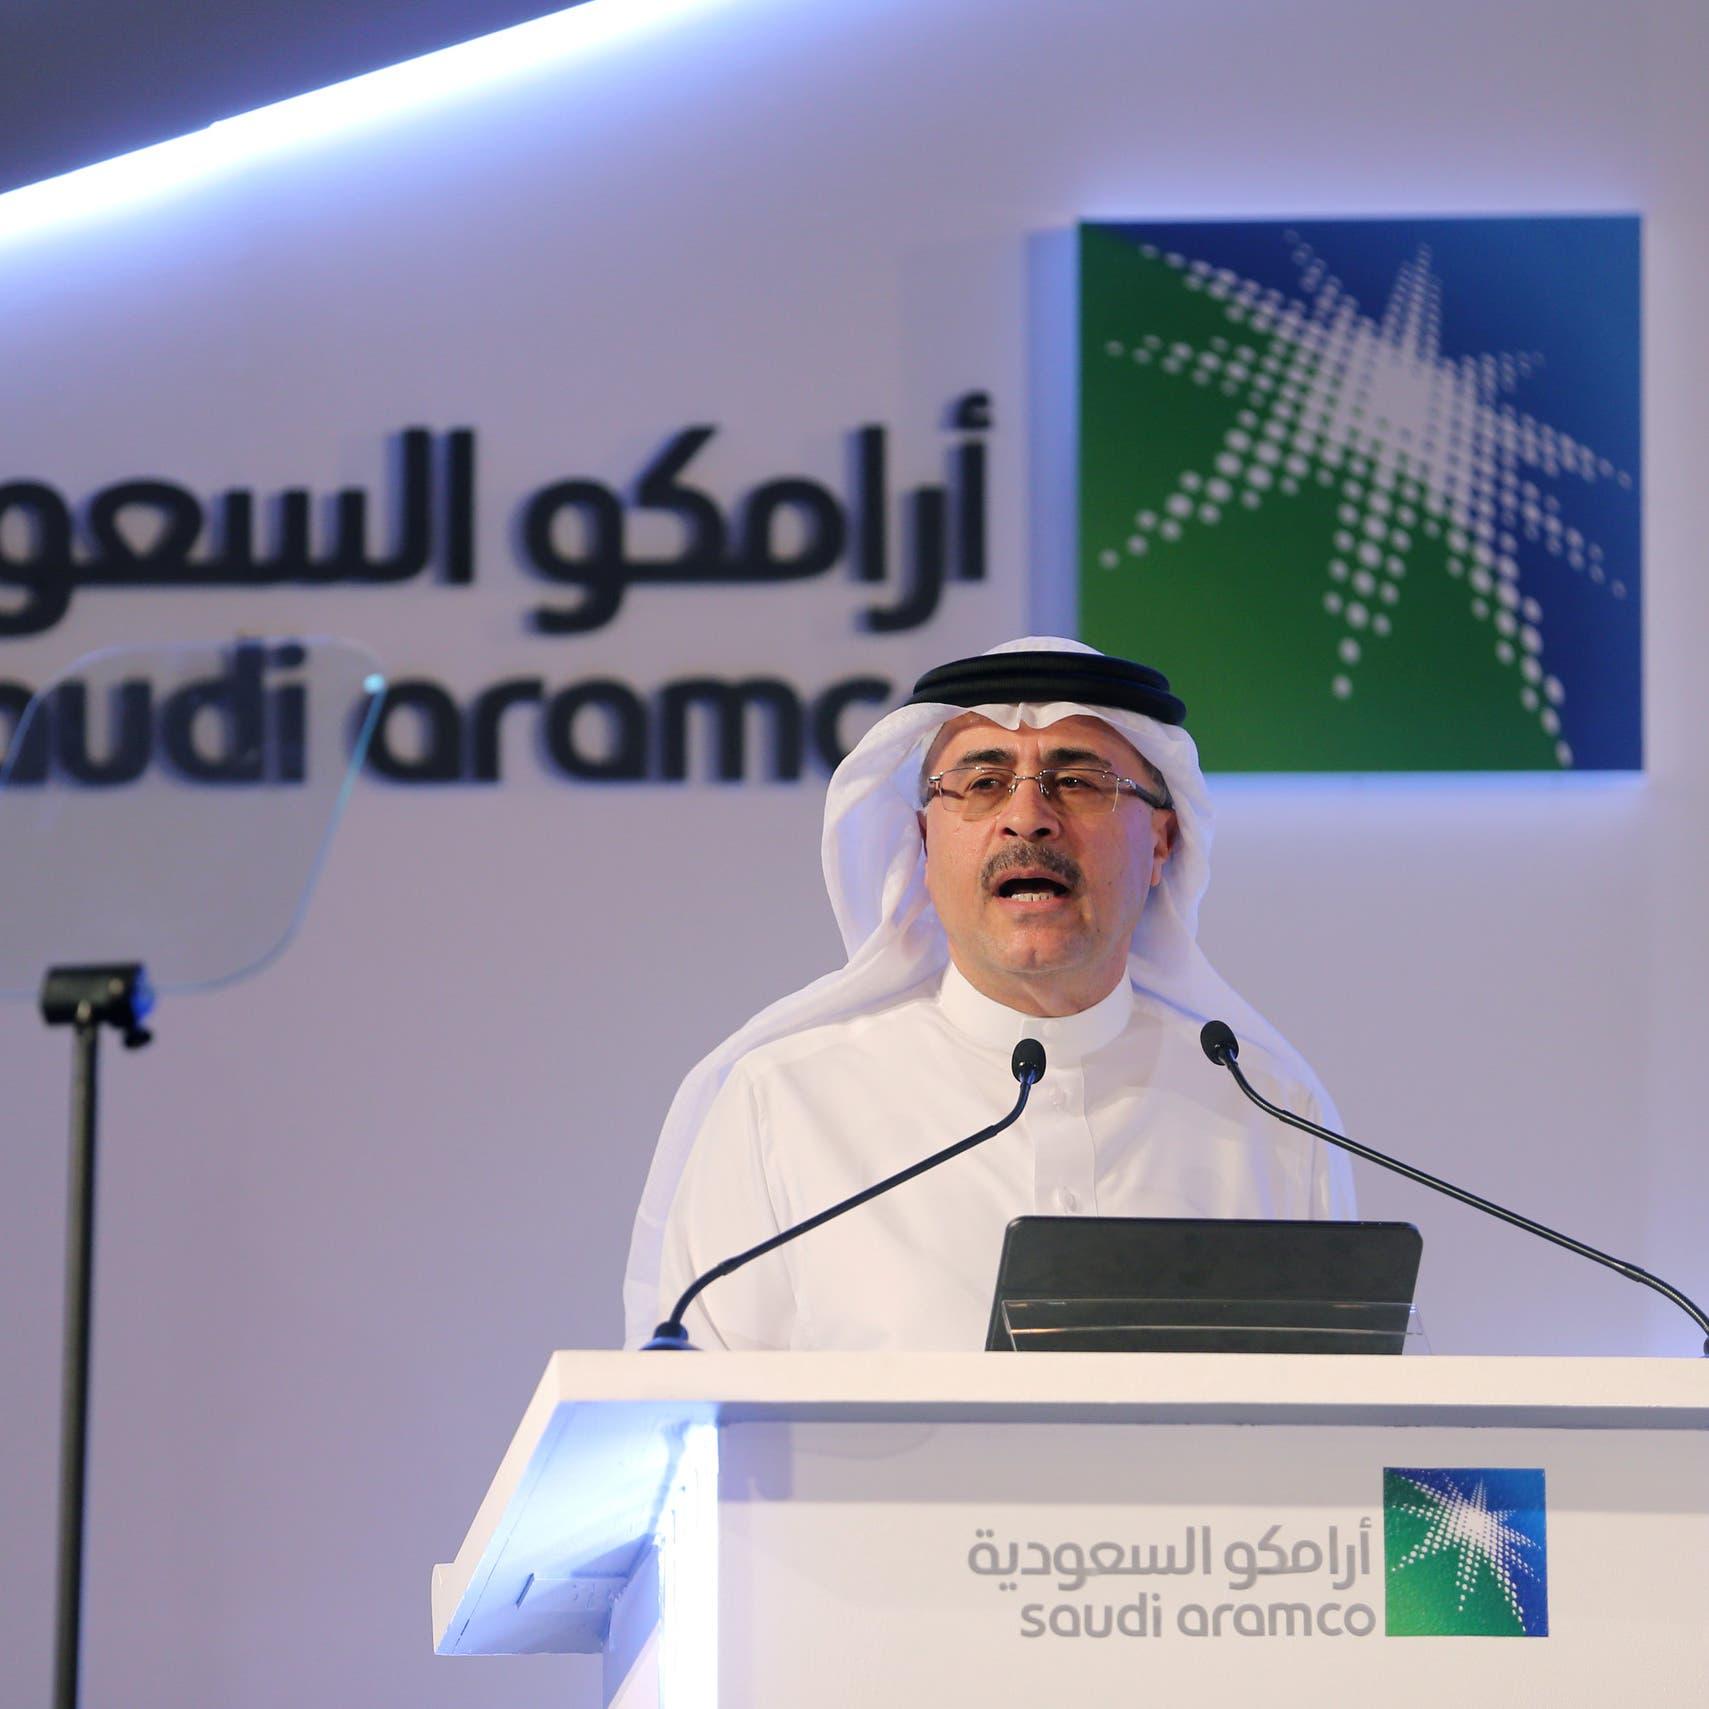 الناصر: أرامكو تمضي قدما في خطط لرفع طاقة إنتاج النفط